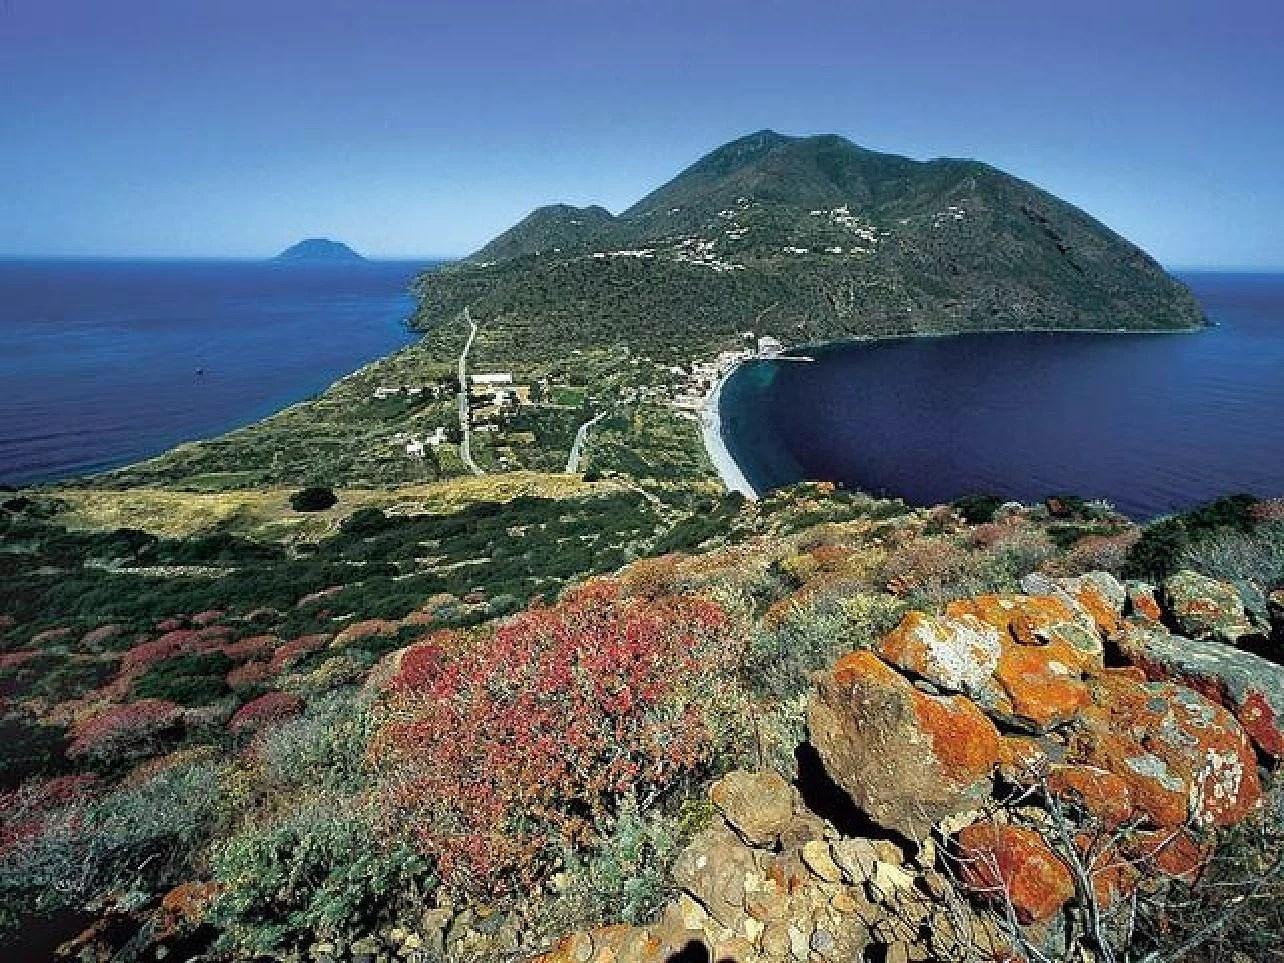 Isole Eolie in Sicilia, Eolie ön i Sicilien